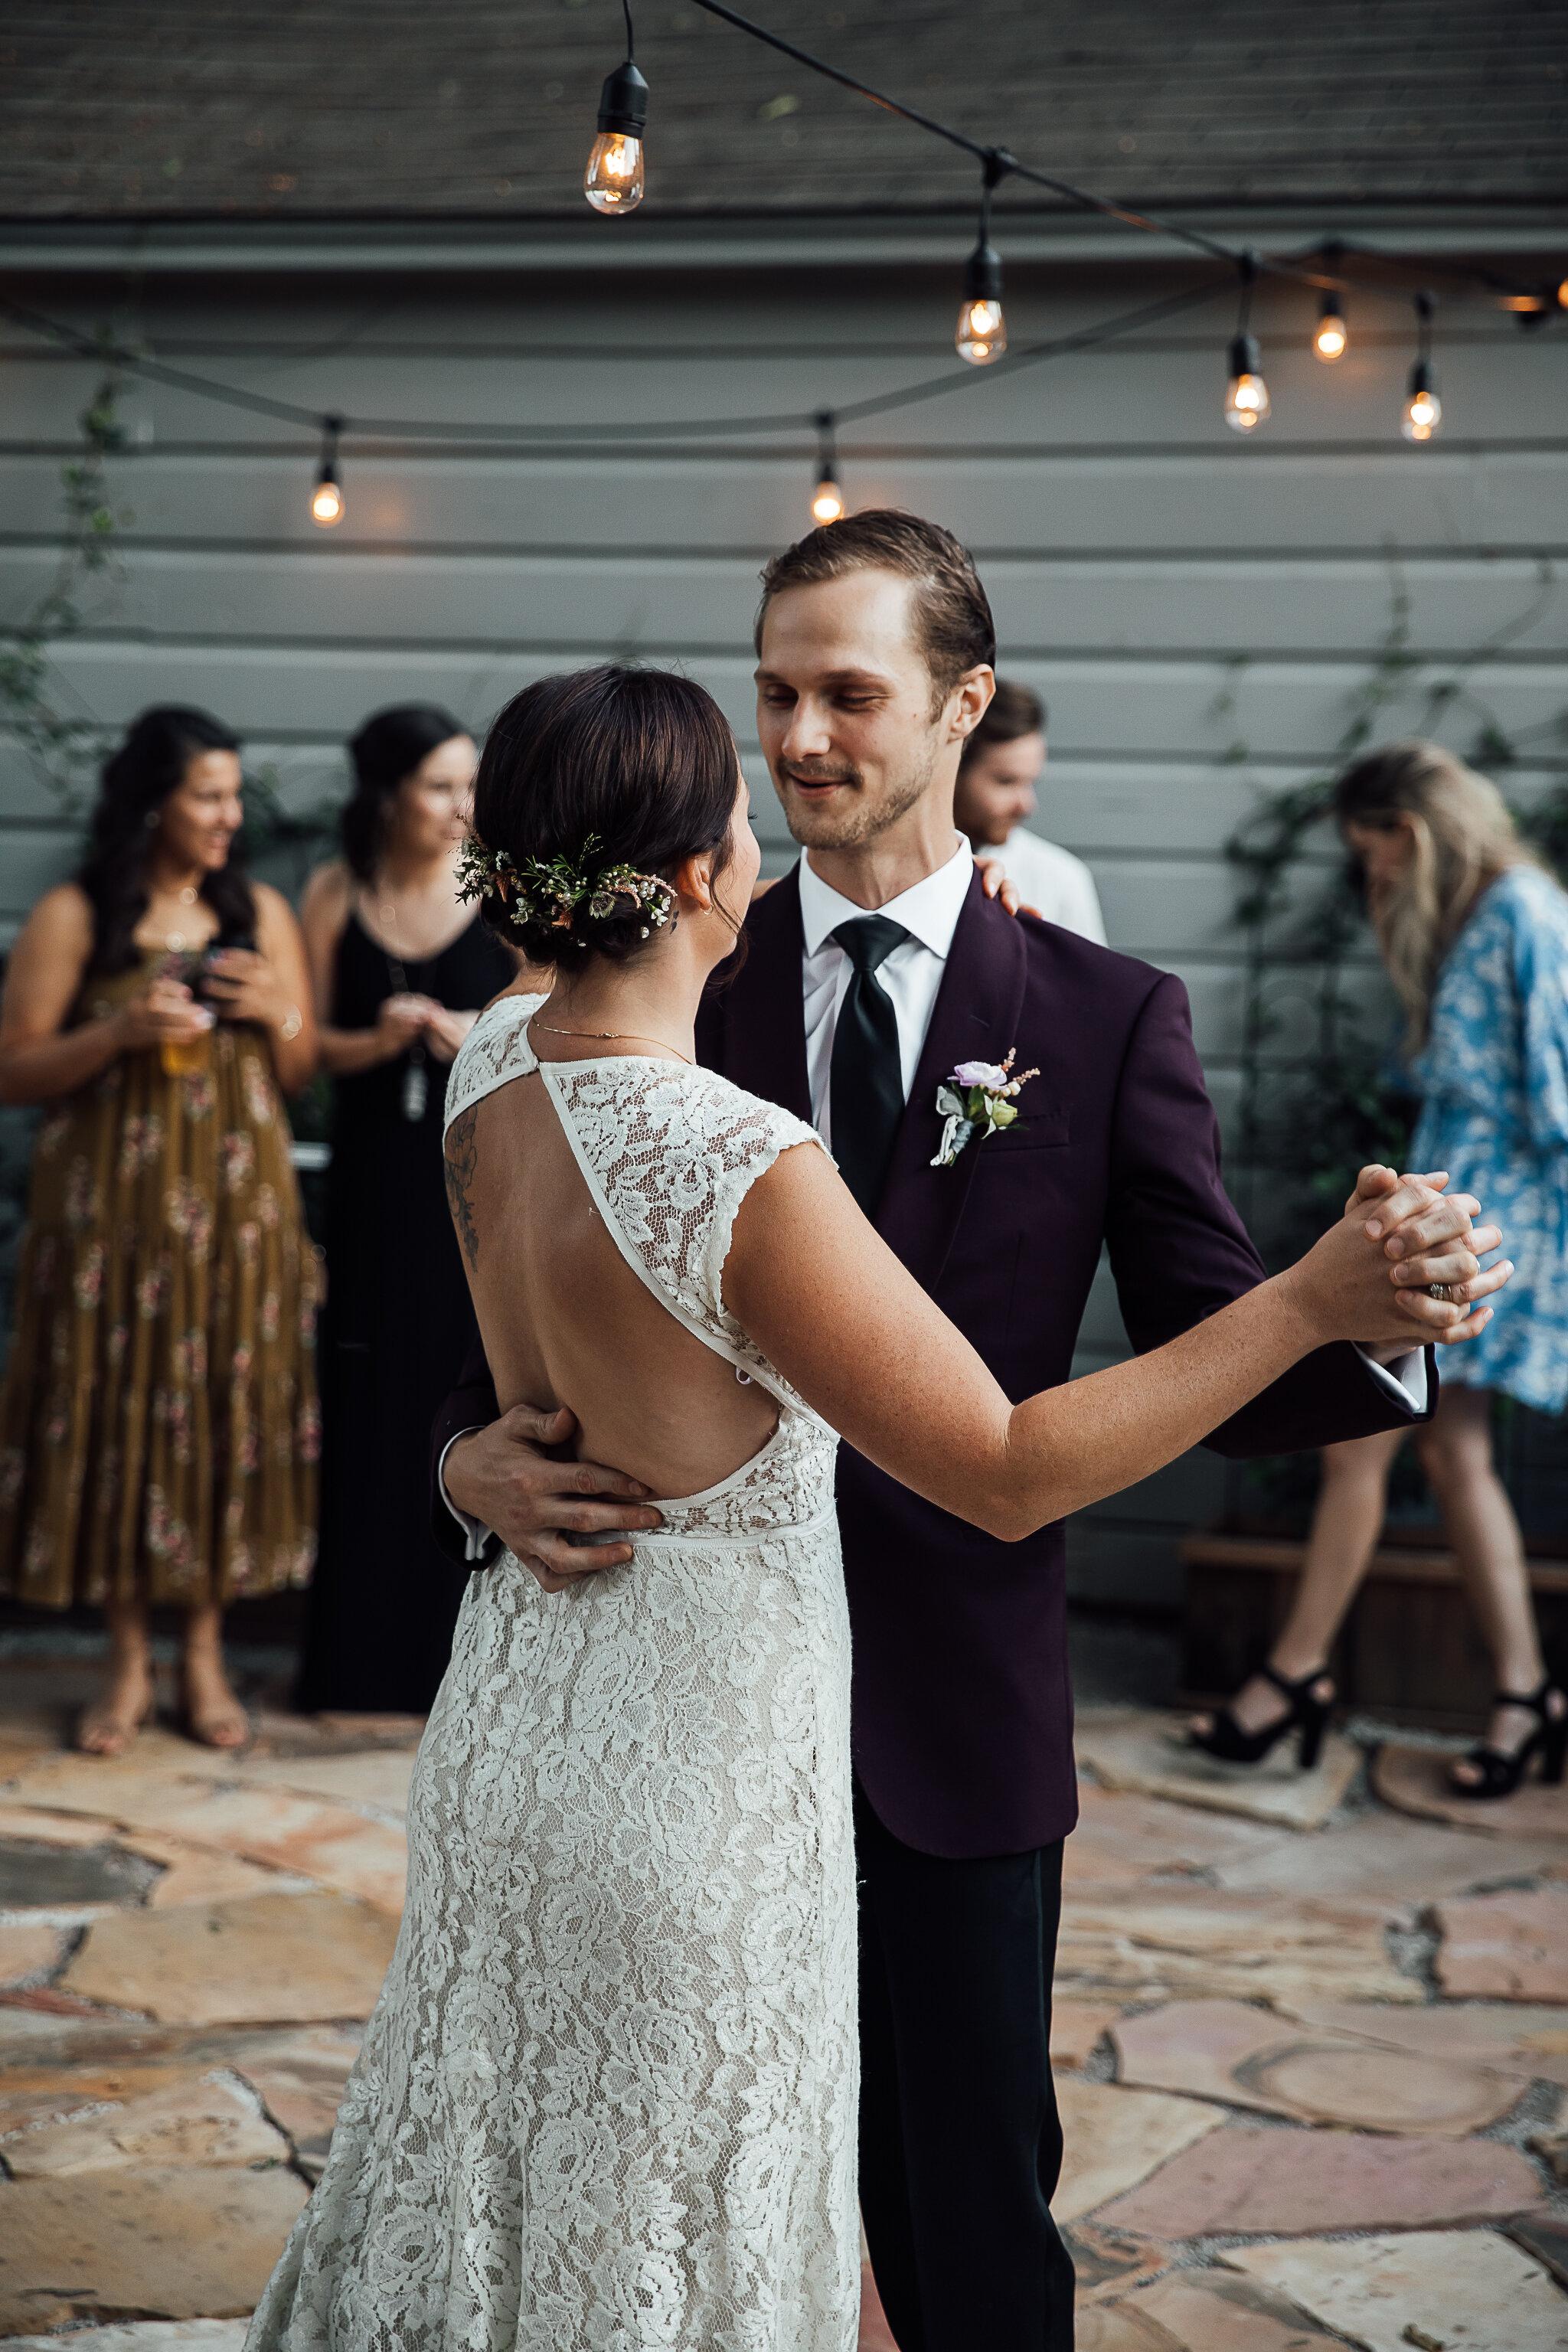 Allison-and-Wesley-Memphis-Backyard-Wedding-TheWarmthAroundYou-56.jpg